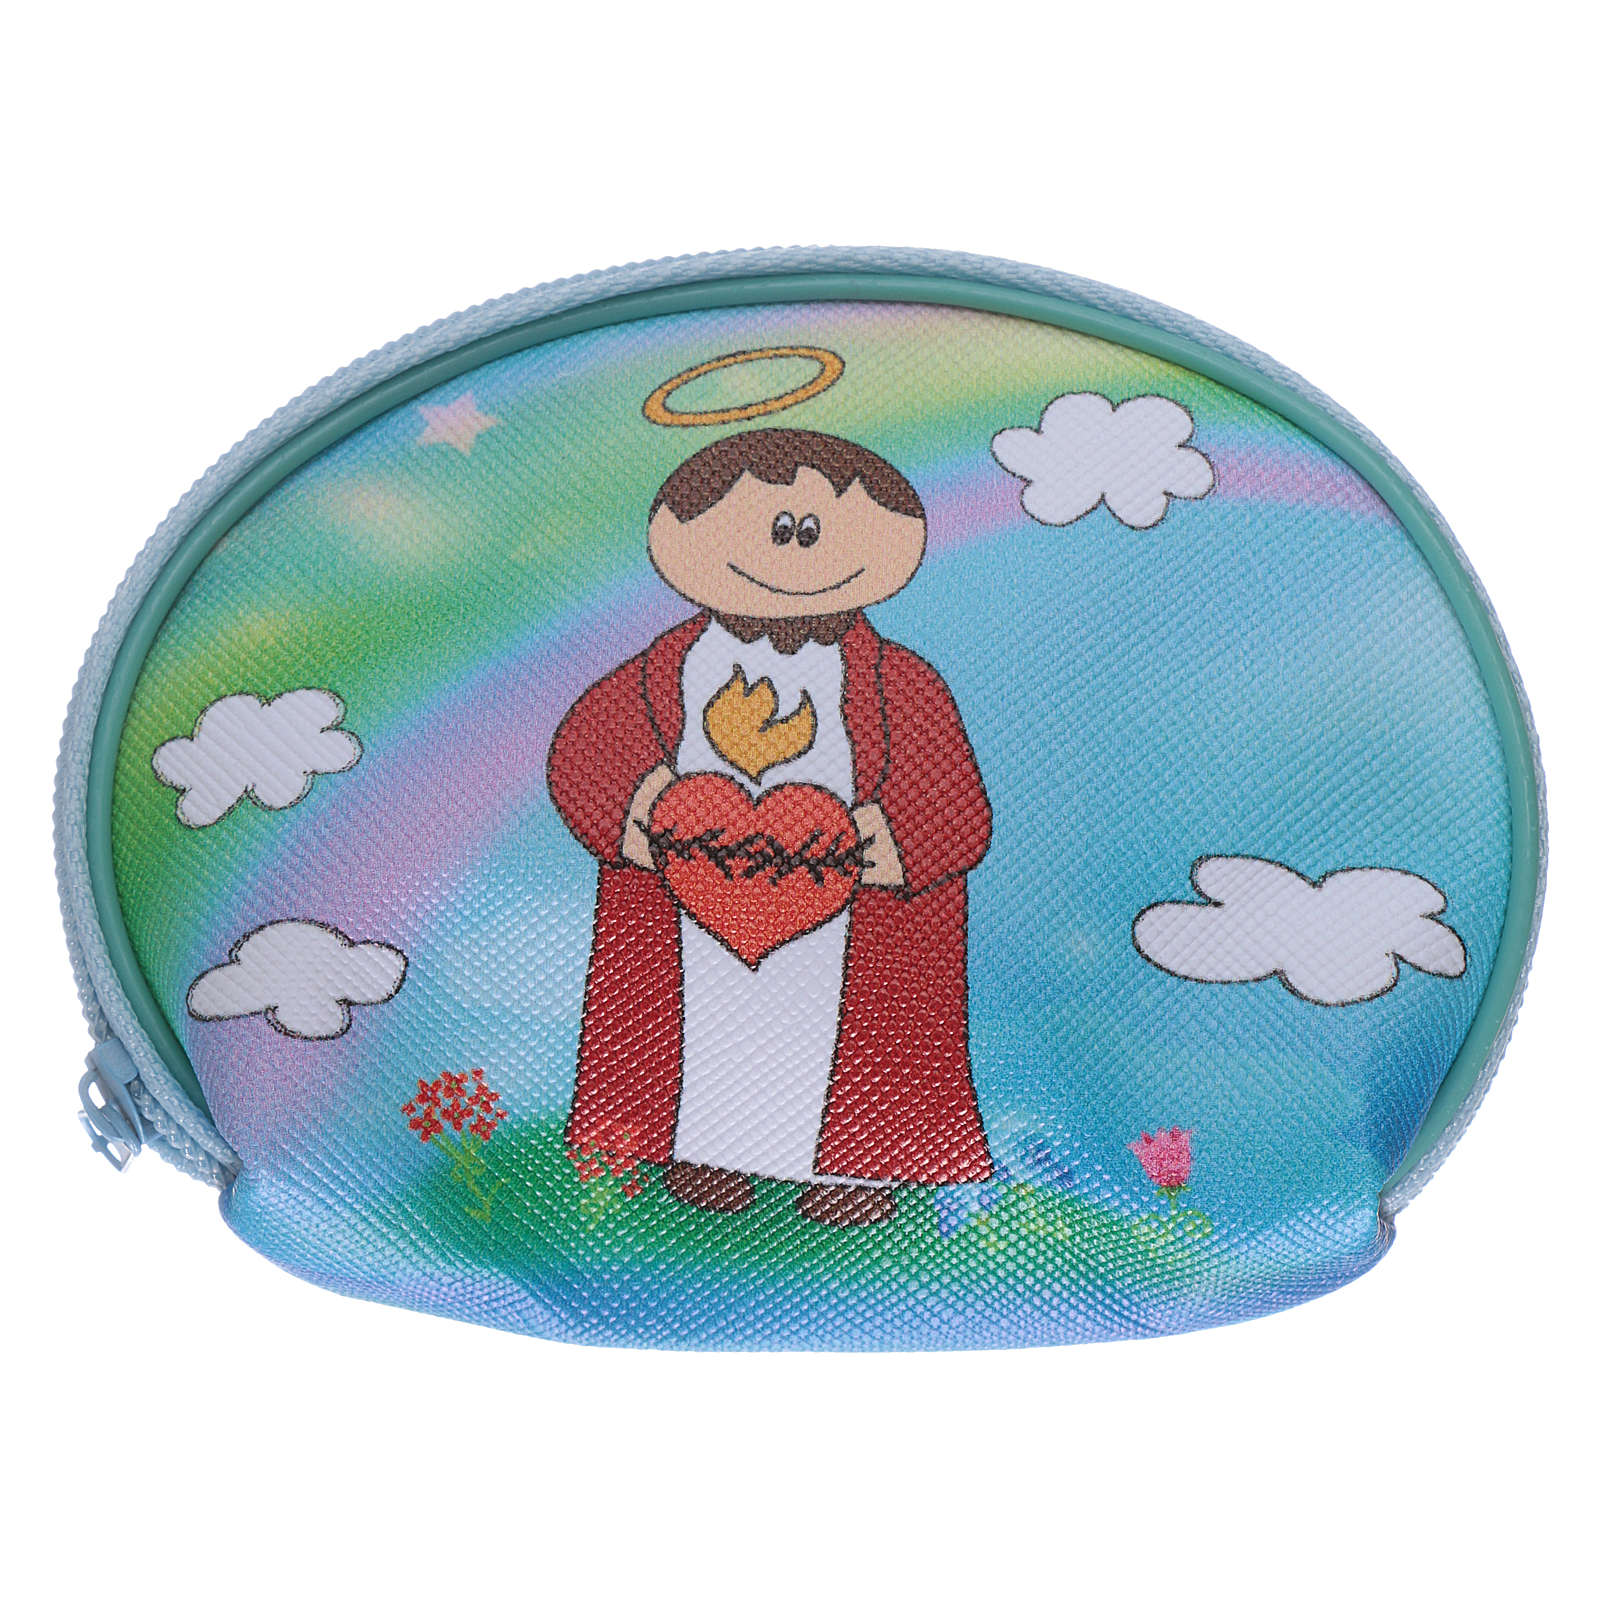 Estojo terço bolsa 10x8 cm imagem Sagrado Coração Jesus 4